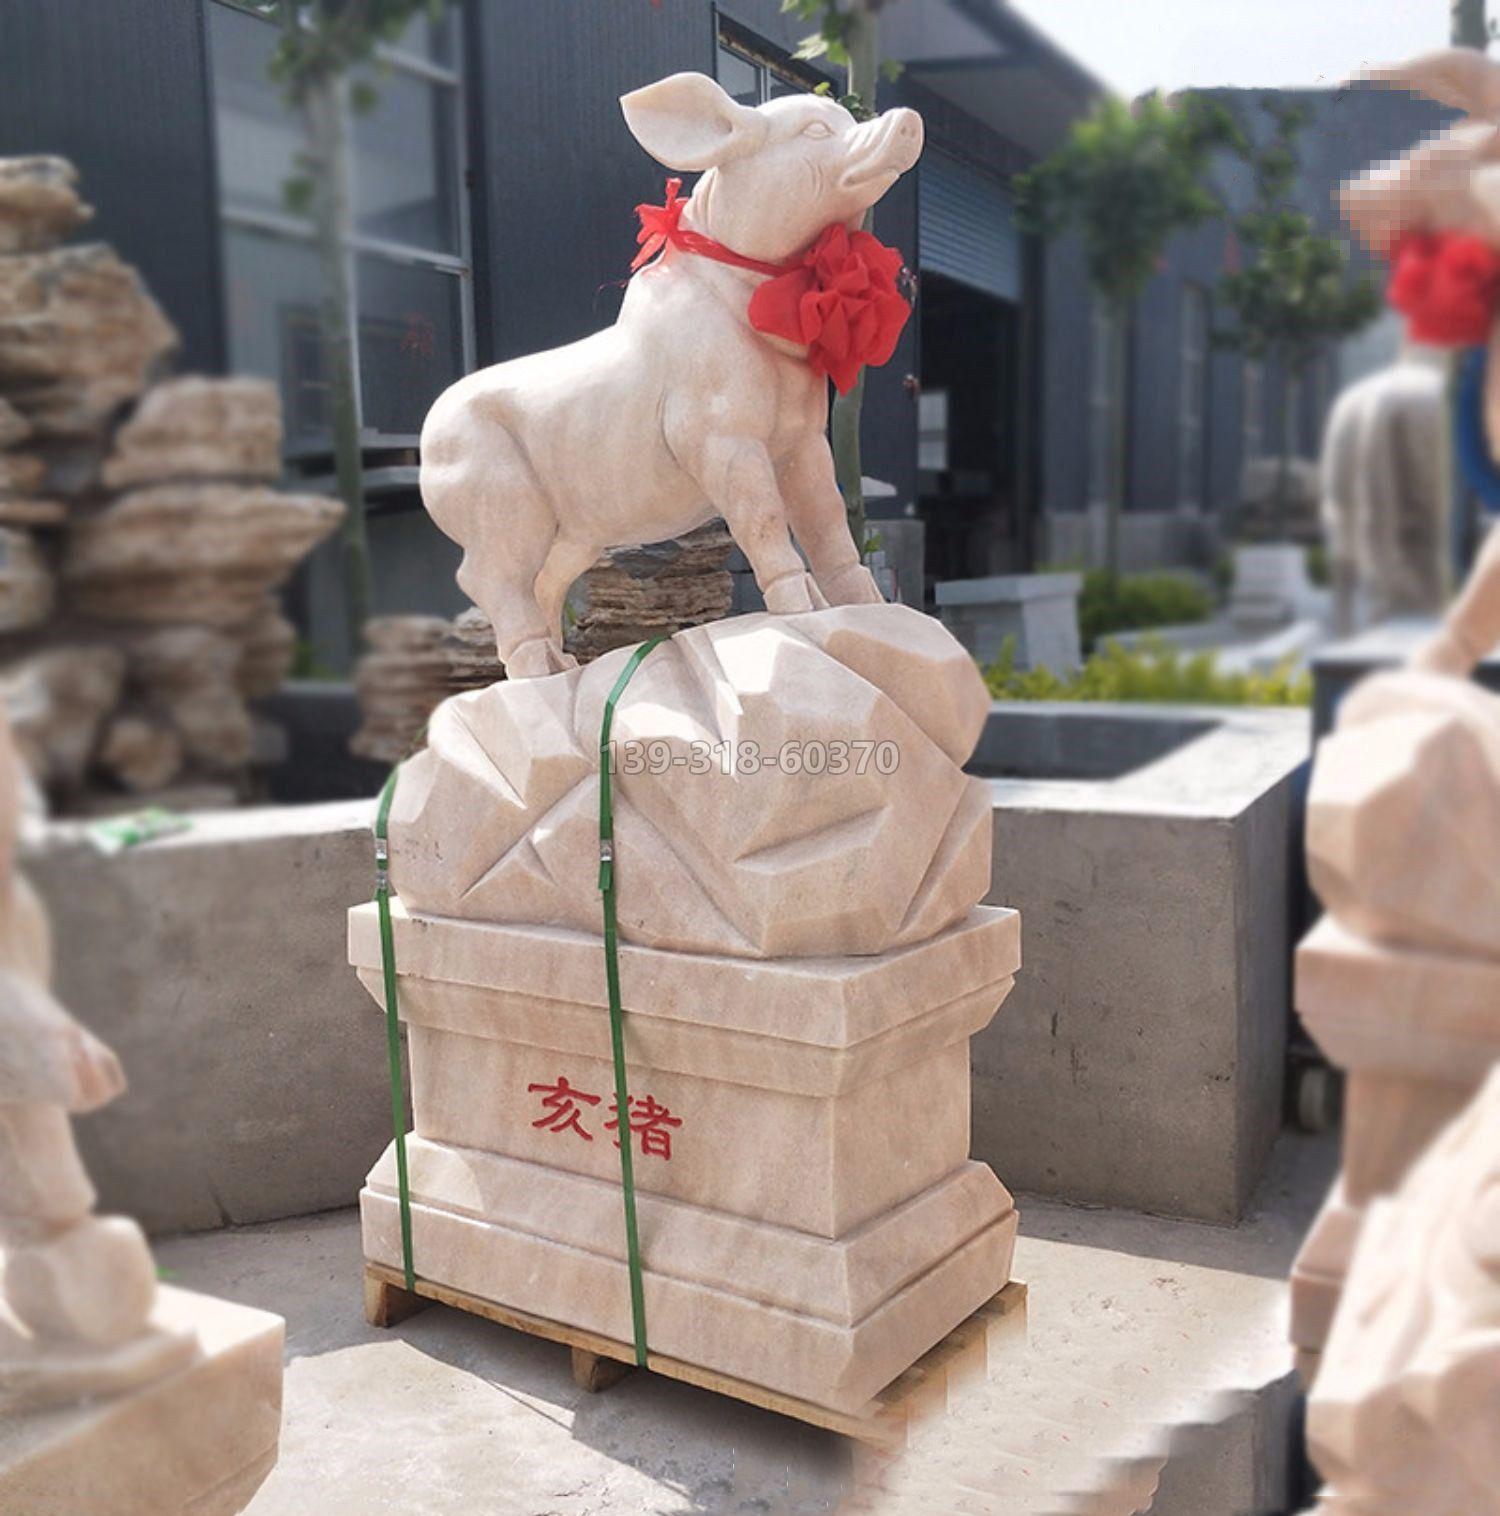 亥猪-晚霞红12生肖石雕